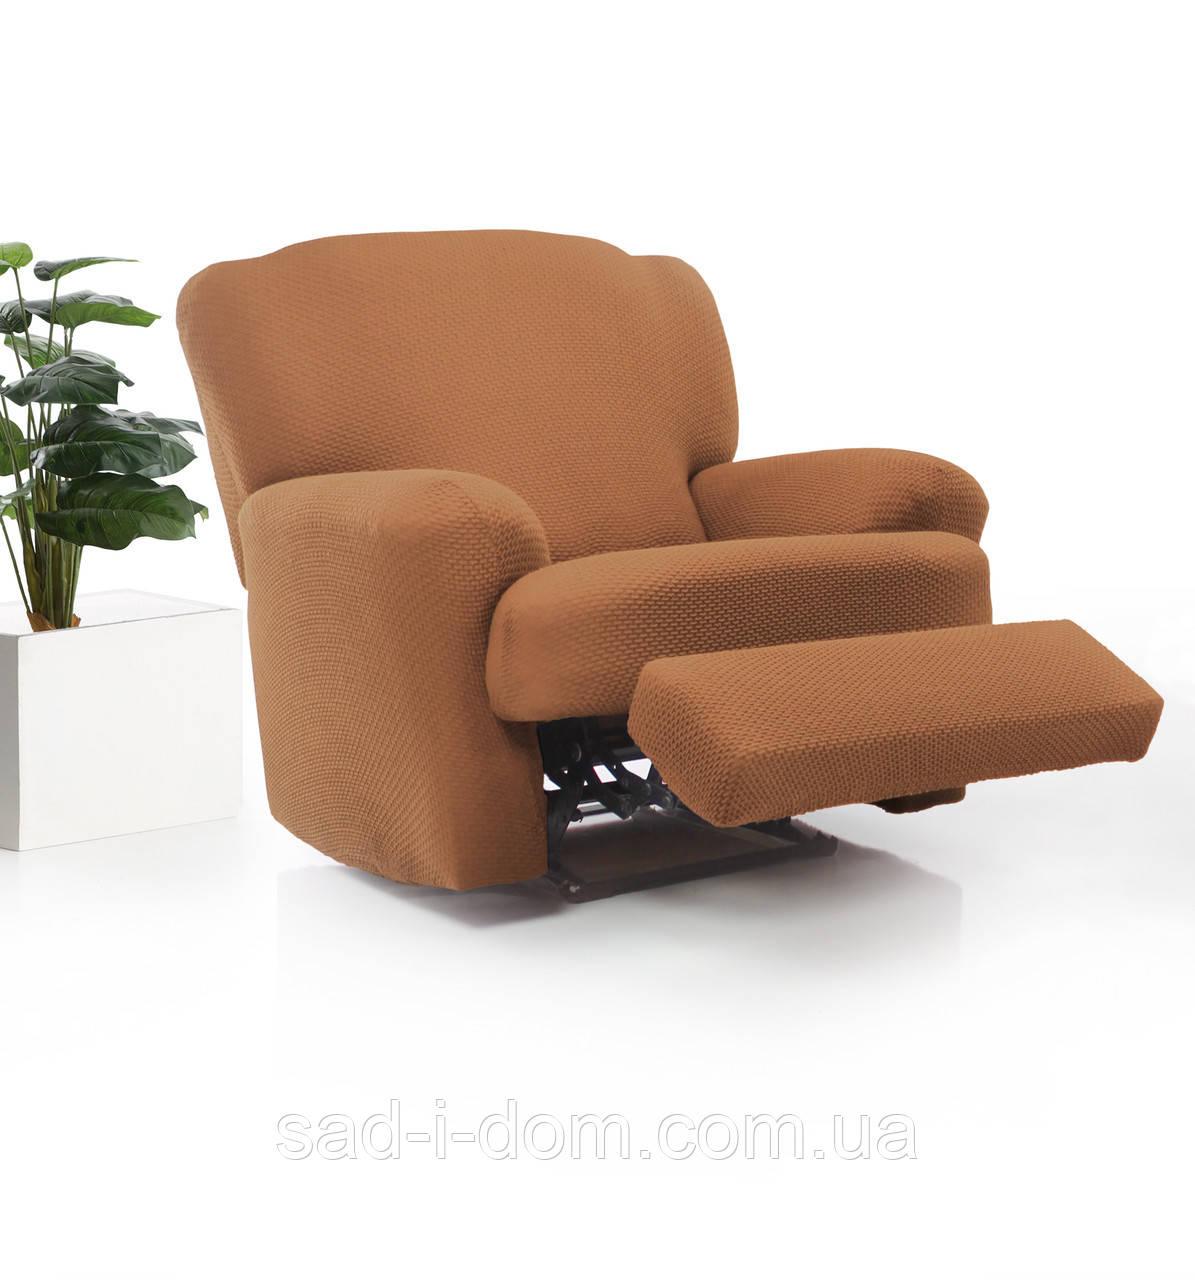 Чохол натяжна на крісло Карла Голд